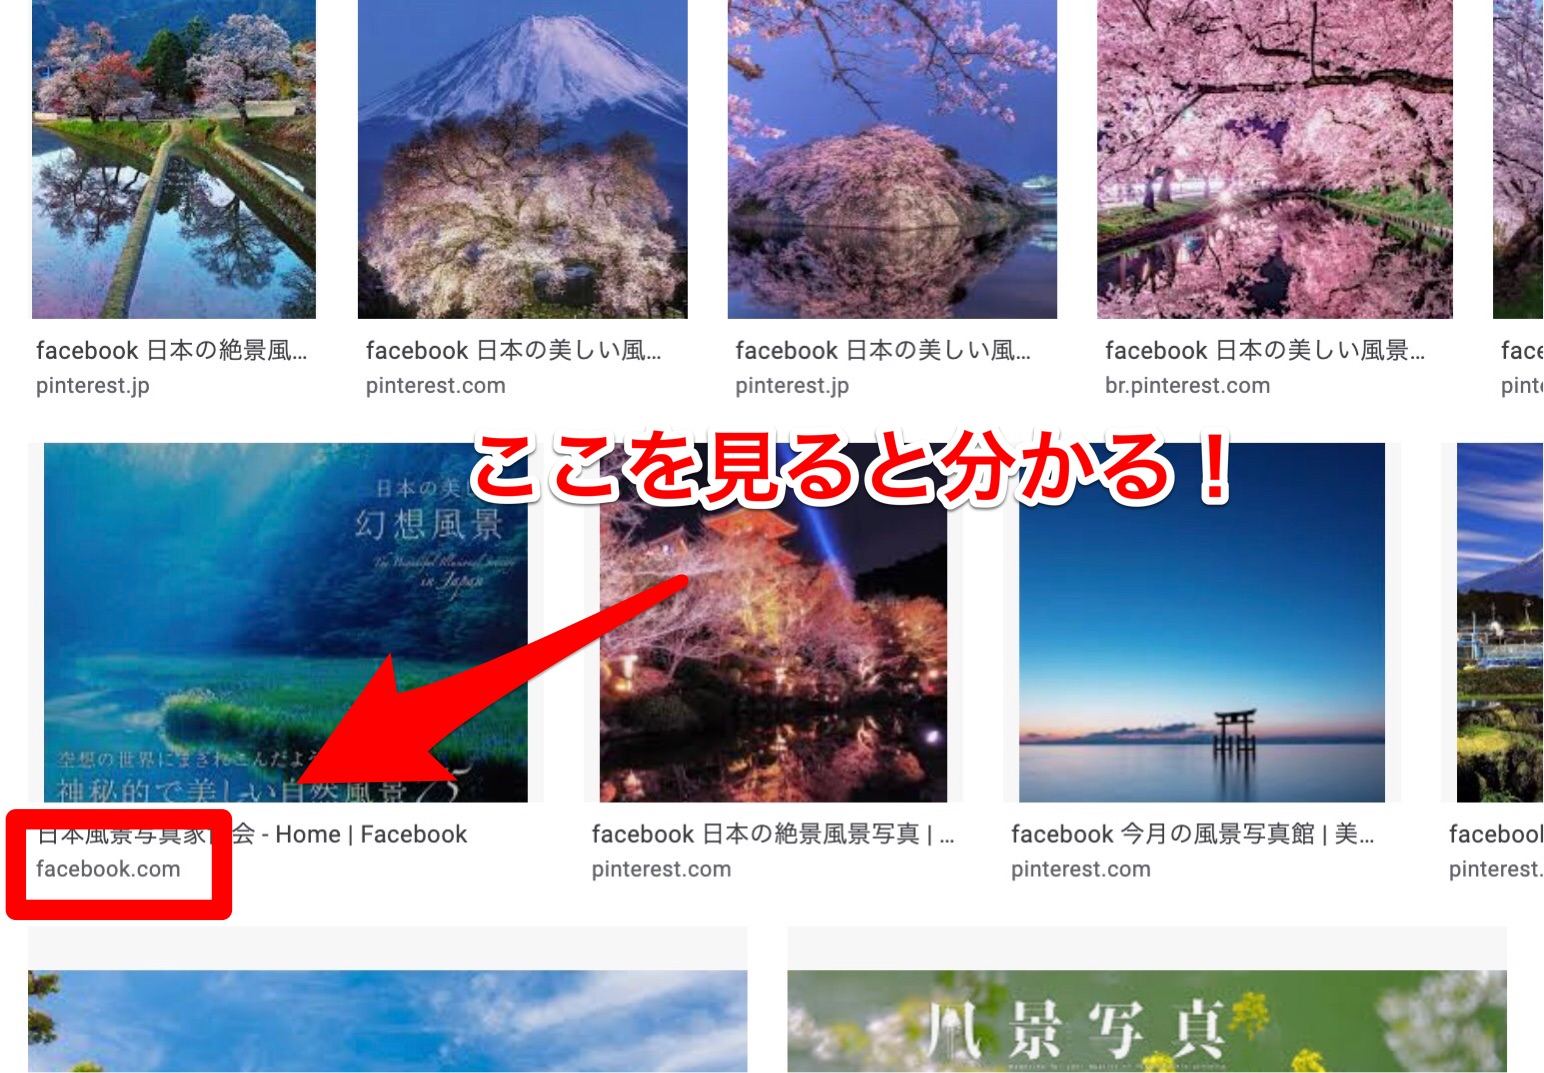 「名前+フェイスブック」で検索する